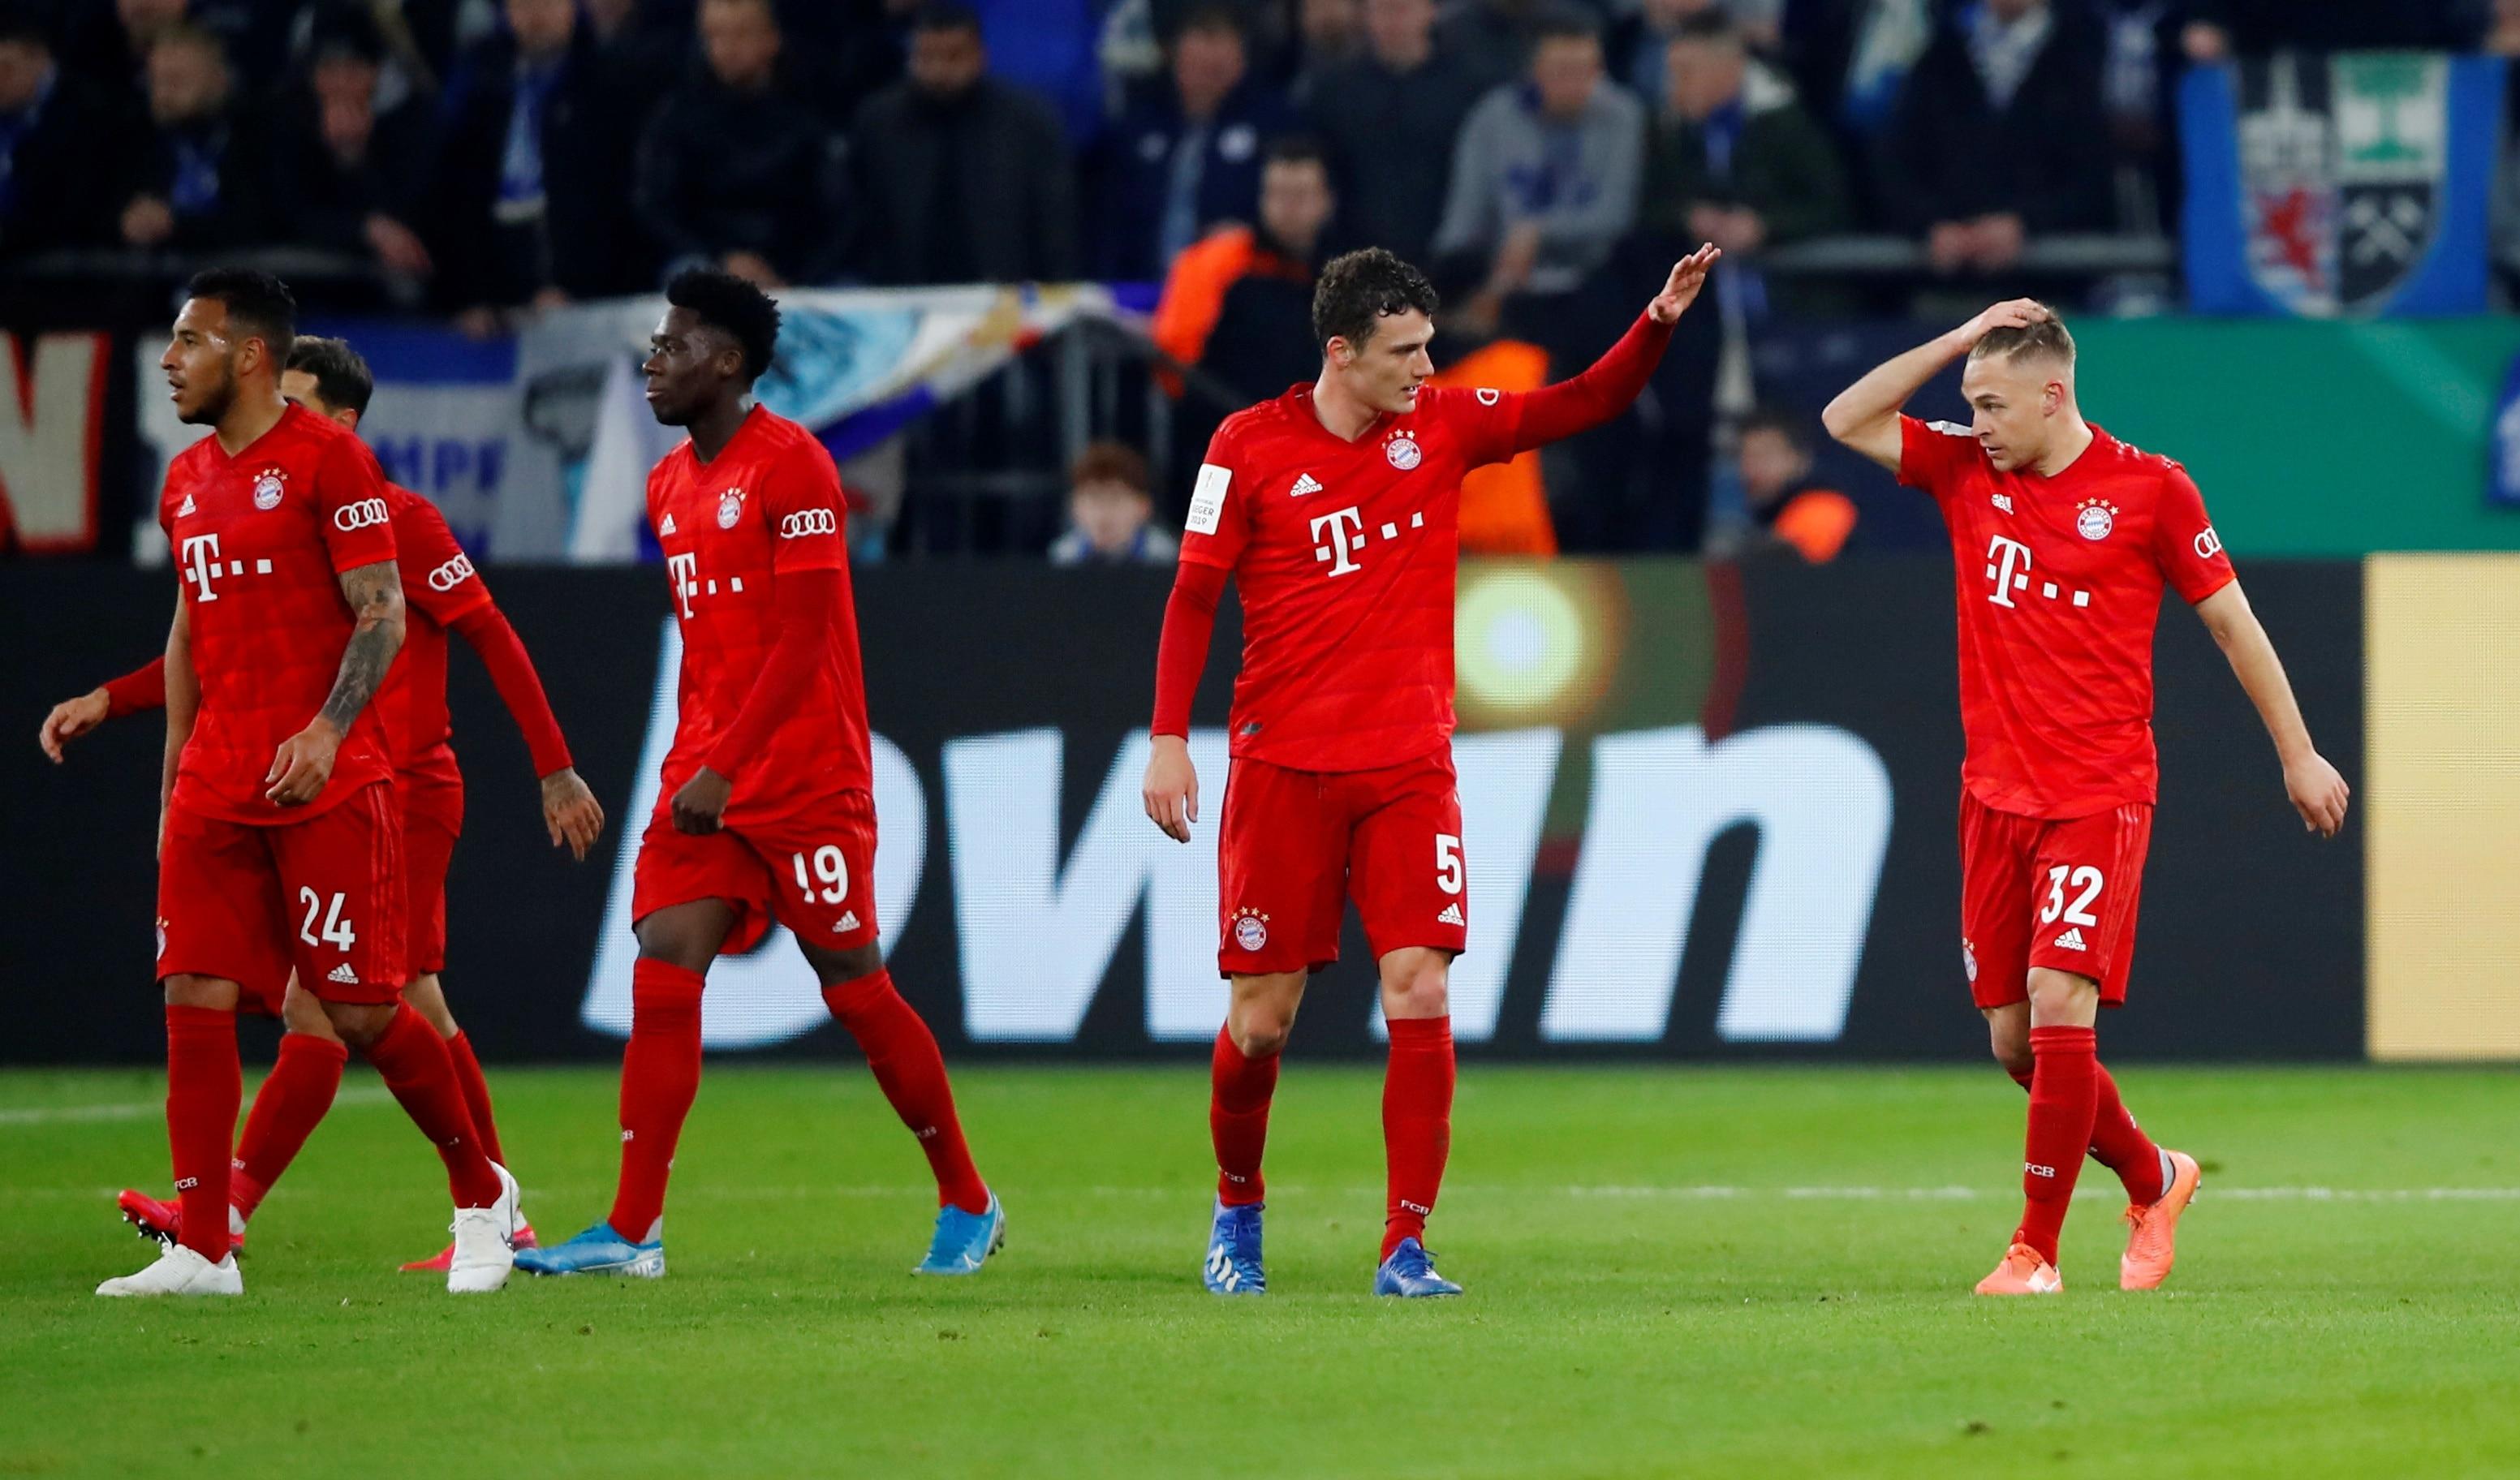 El Bayern Múnich buscará extender su liderazgo ante el Unión Berlín, sin su DT por violar la cuarentena: hora, TV y formaciones  - Infobae